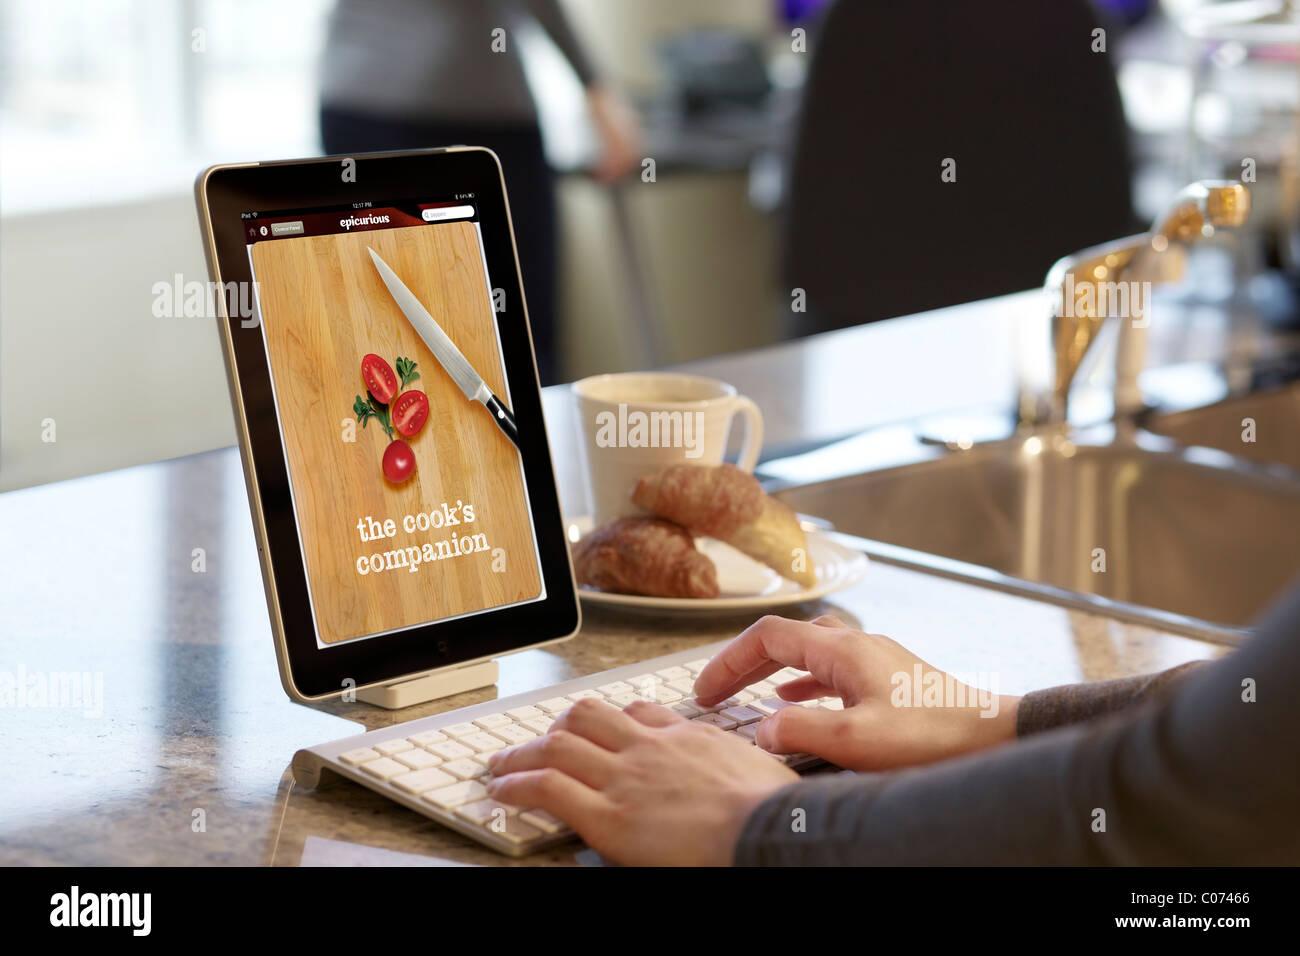 Recette de cuisine femme parcourt avec l'application de cuisine Epicurious iPad Photo Stock